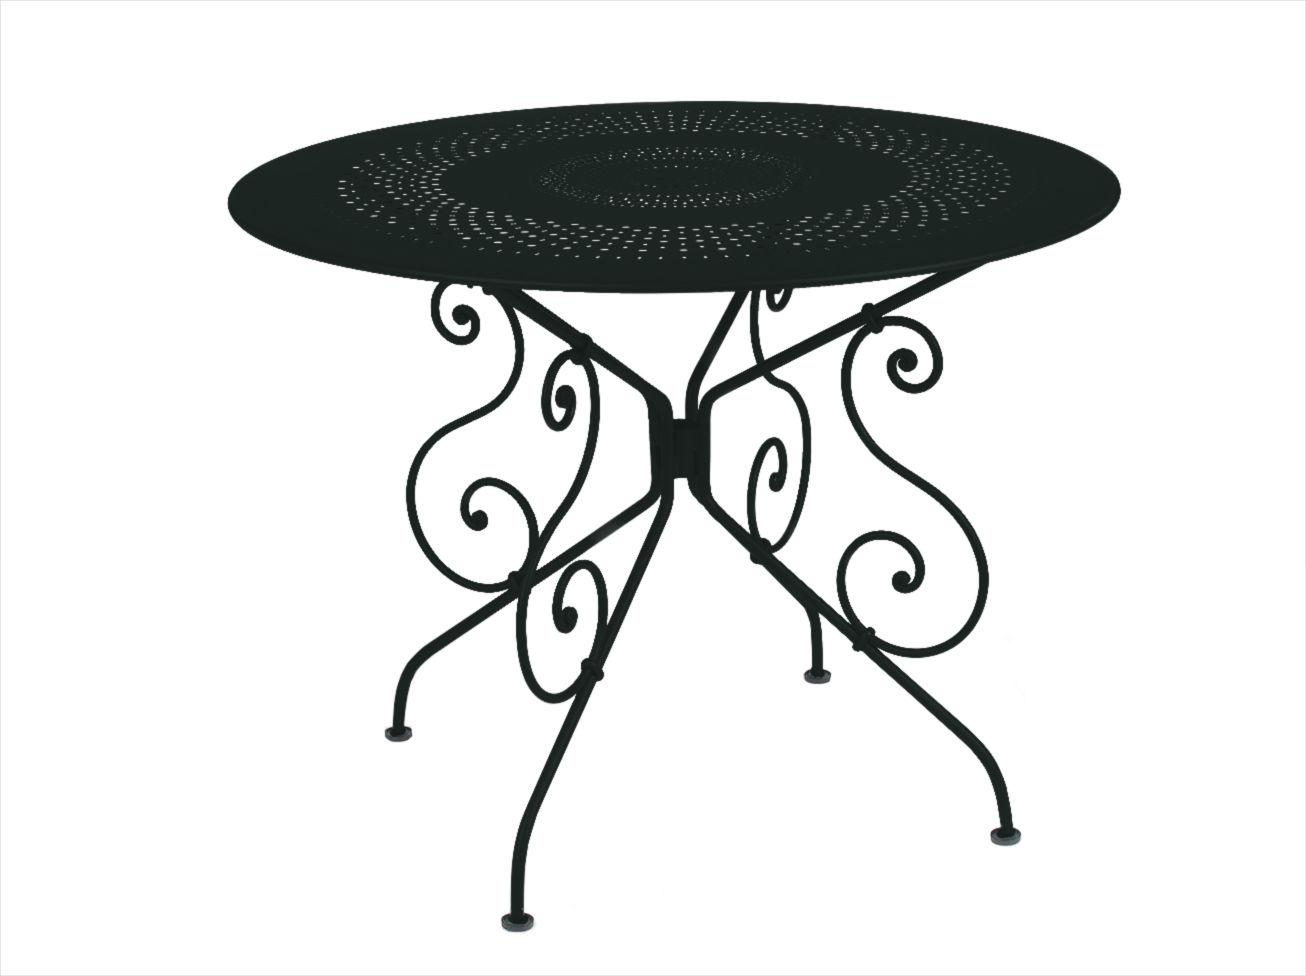 Outdoor - Tische - 1900 Runder Tisch Ø 96 cm - Mit Loch für Sonnenschirm - Fermob - Lakritz - Stahl